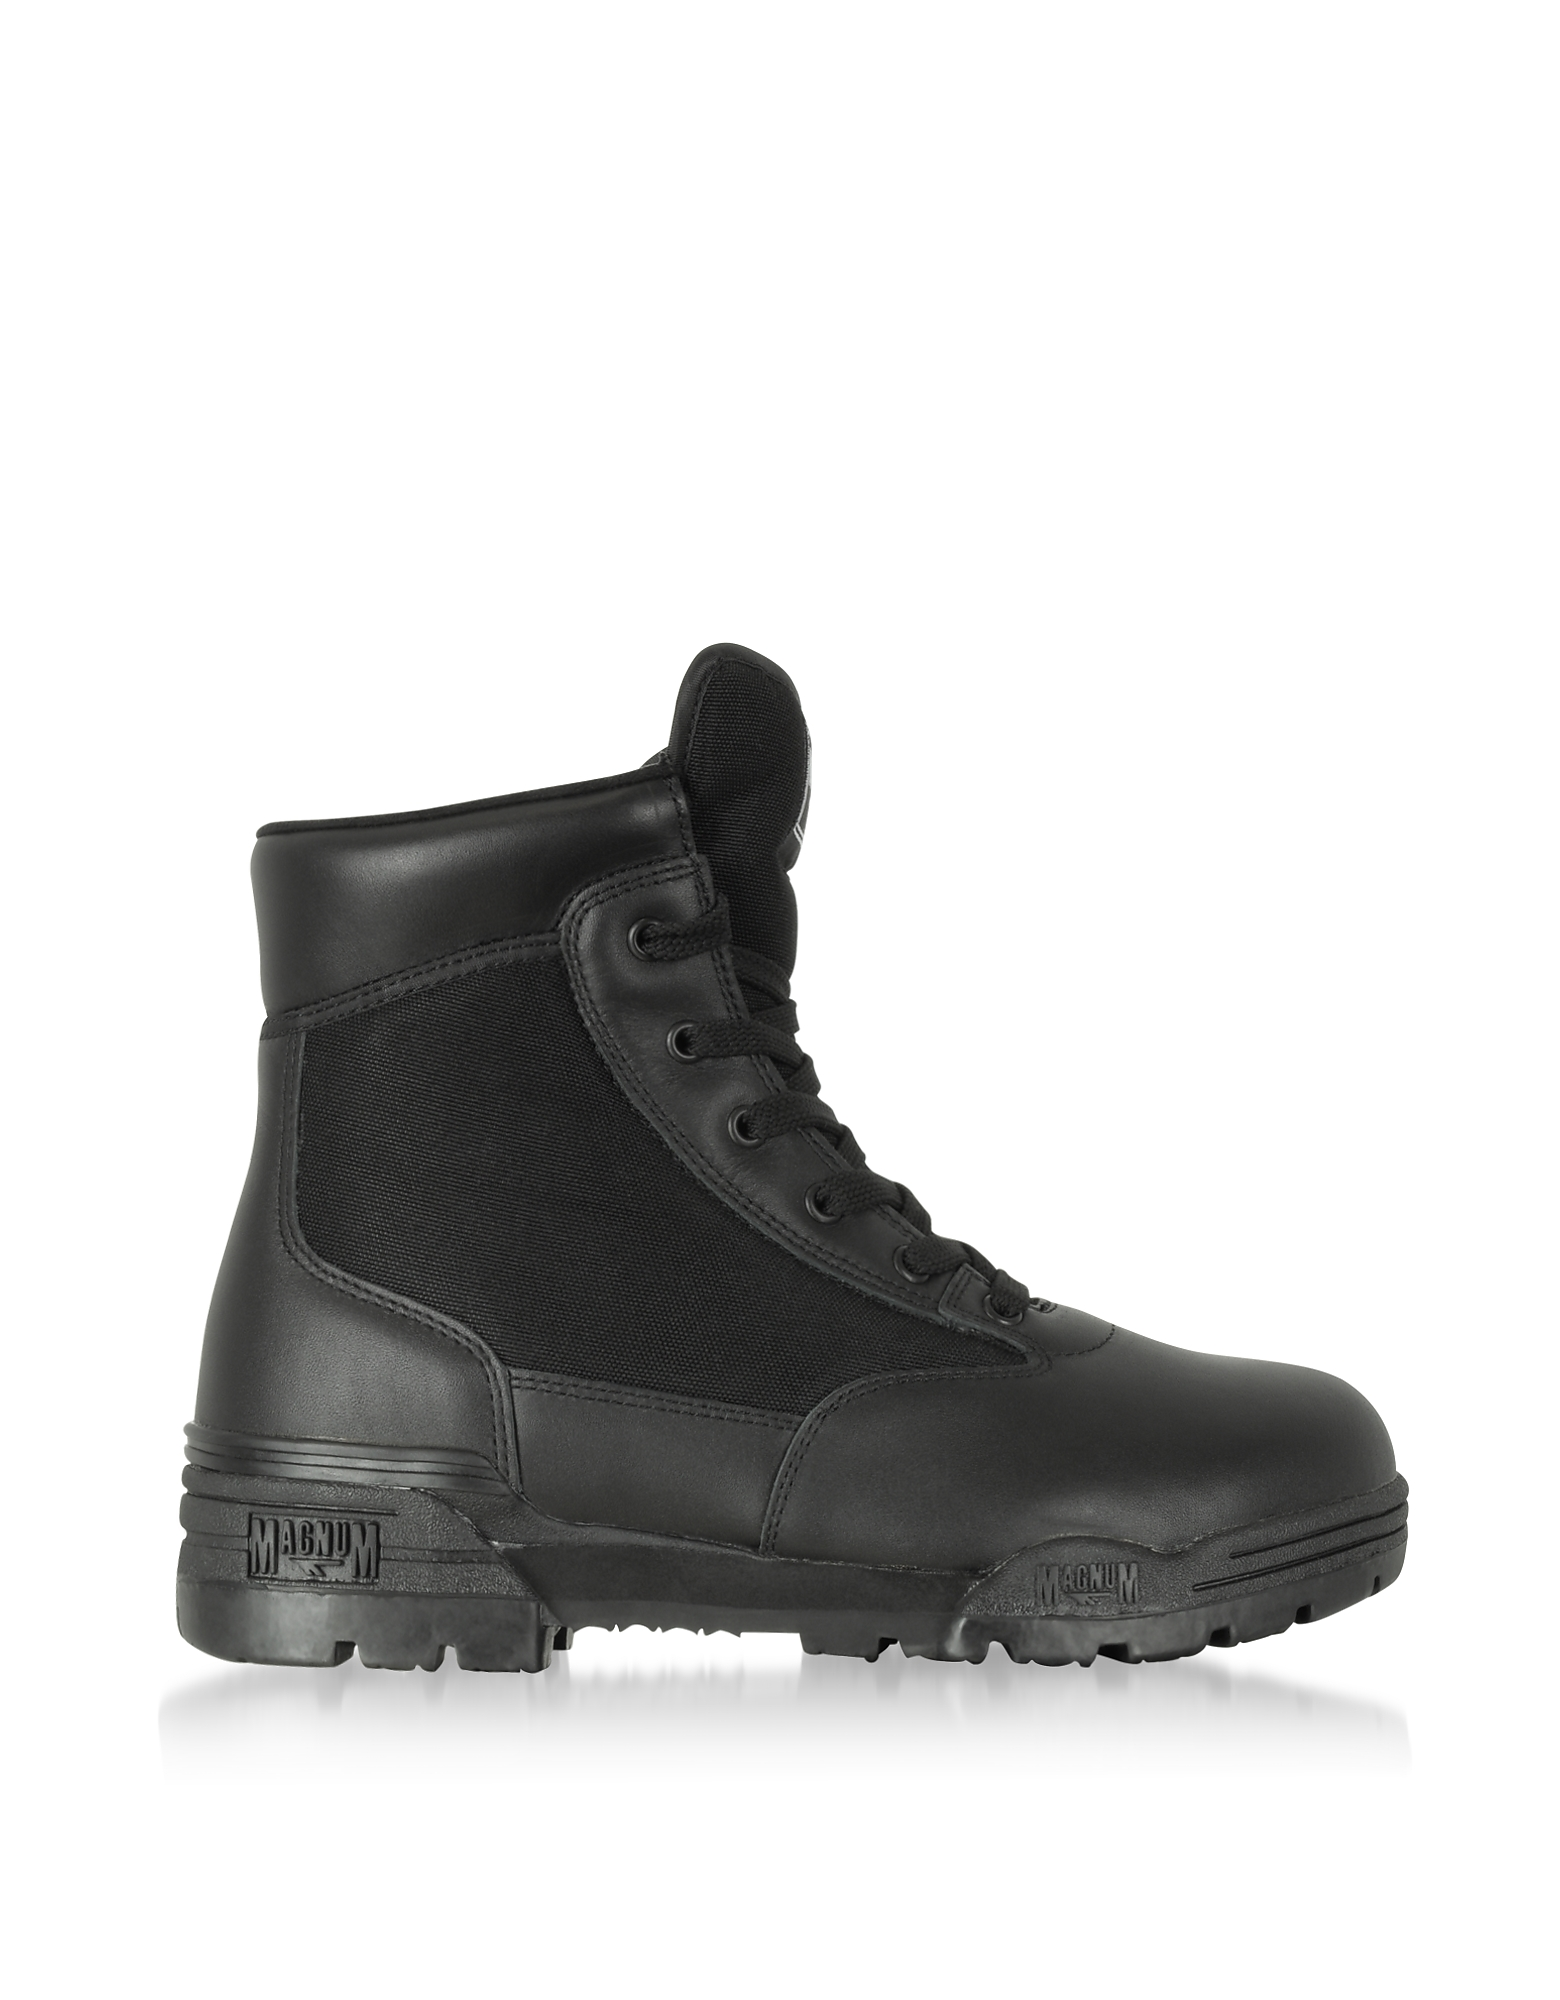 Image of Hi-Tec Designer Shoes, Hi-Tec Magnum 6 Classic Black Mesh and Leather Unisex Boots